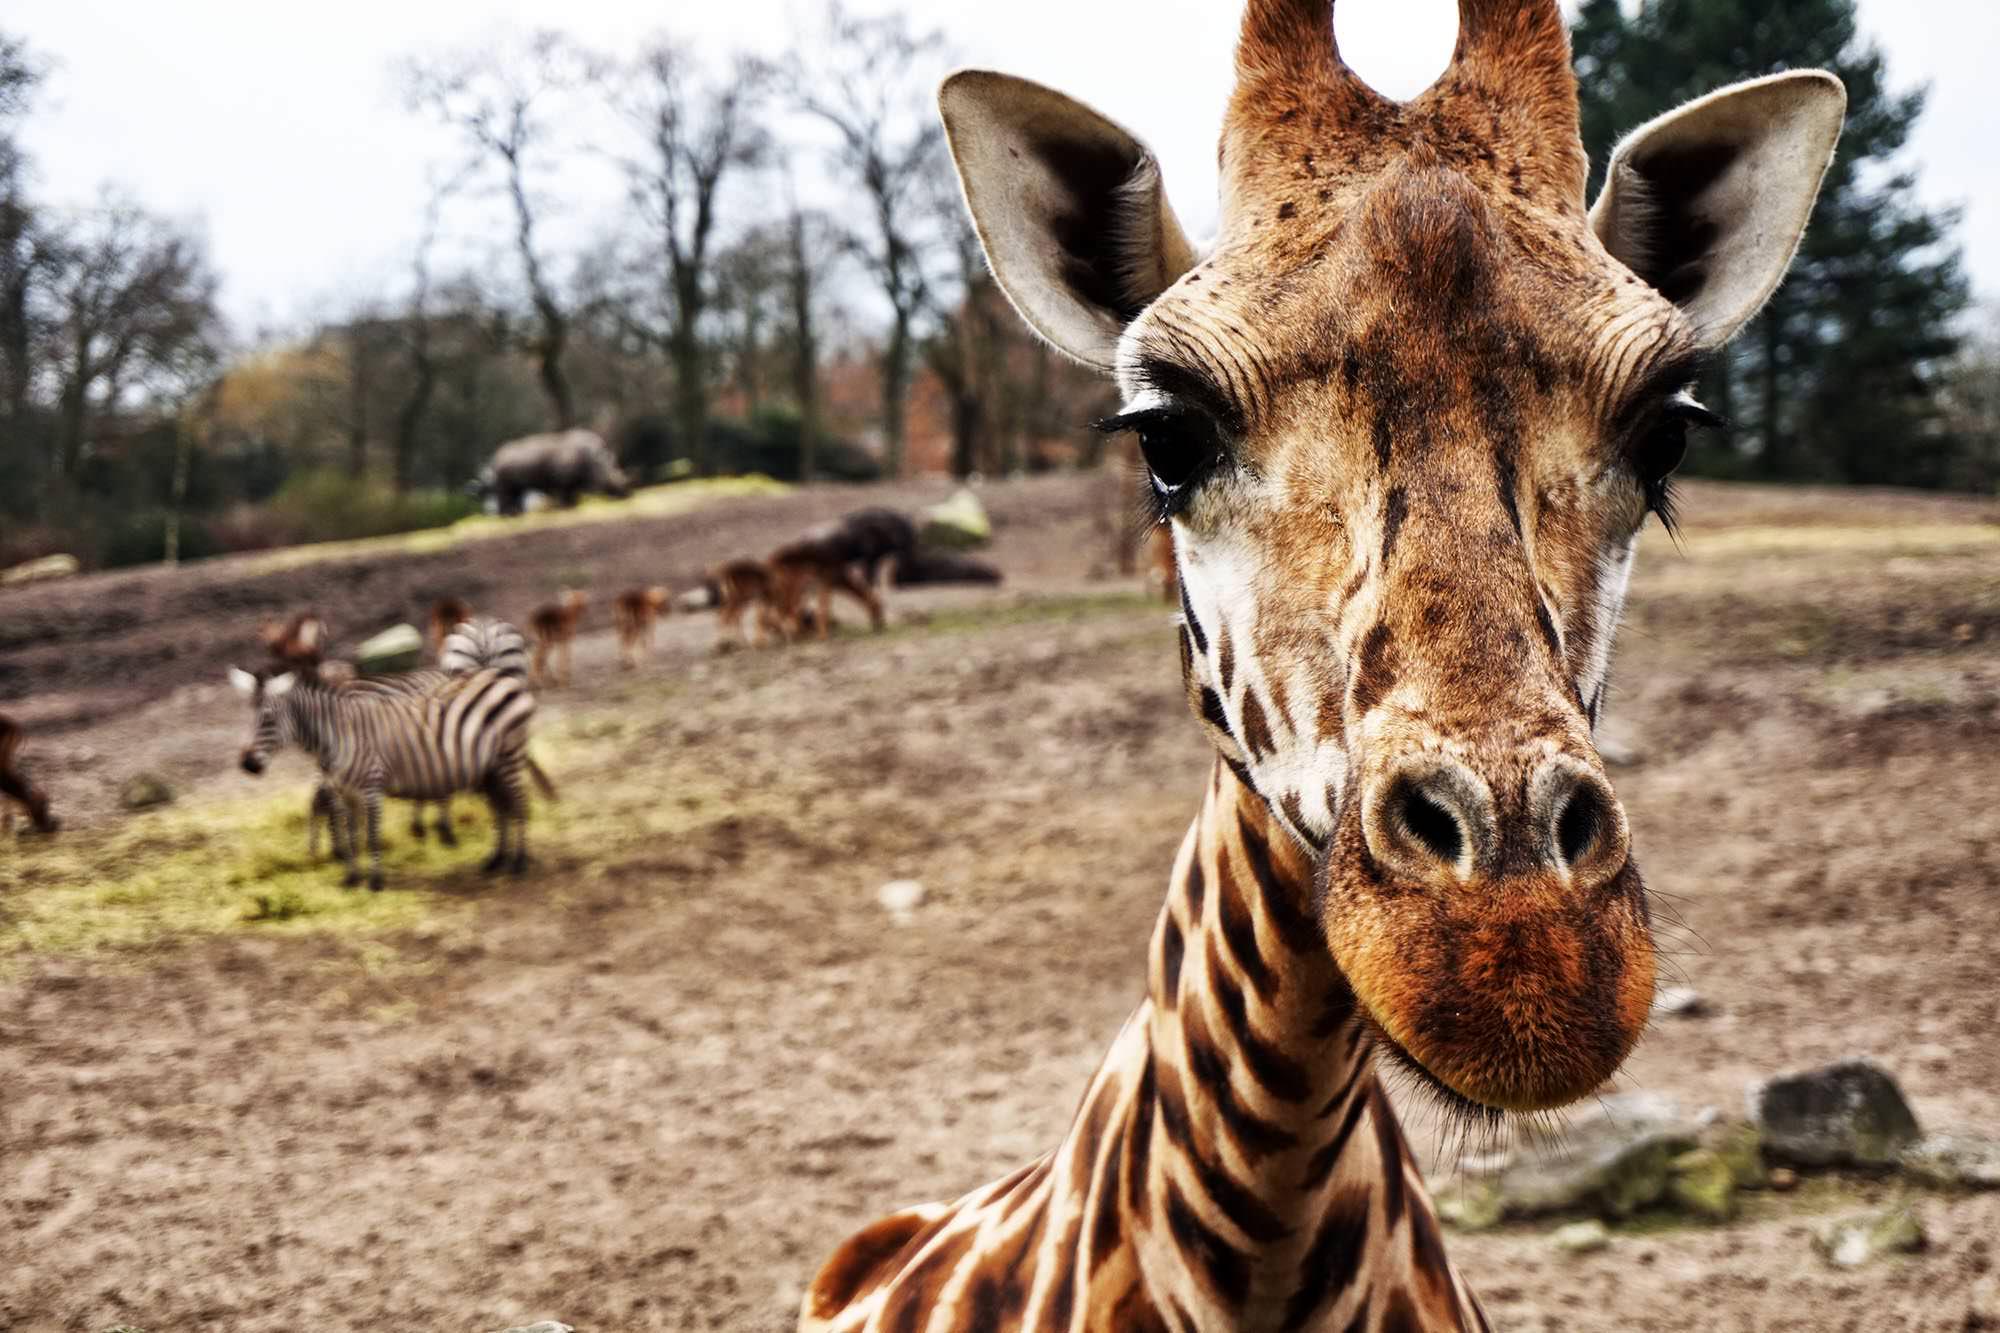 marten ven den heuvel Giraffe detail Netherlands Up cW.jpeg